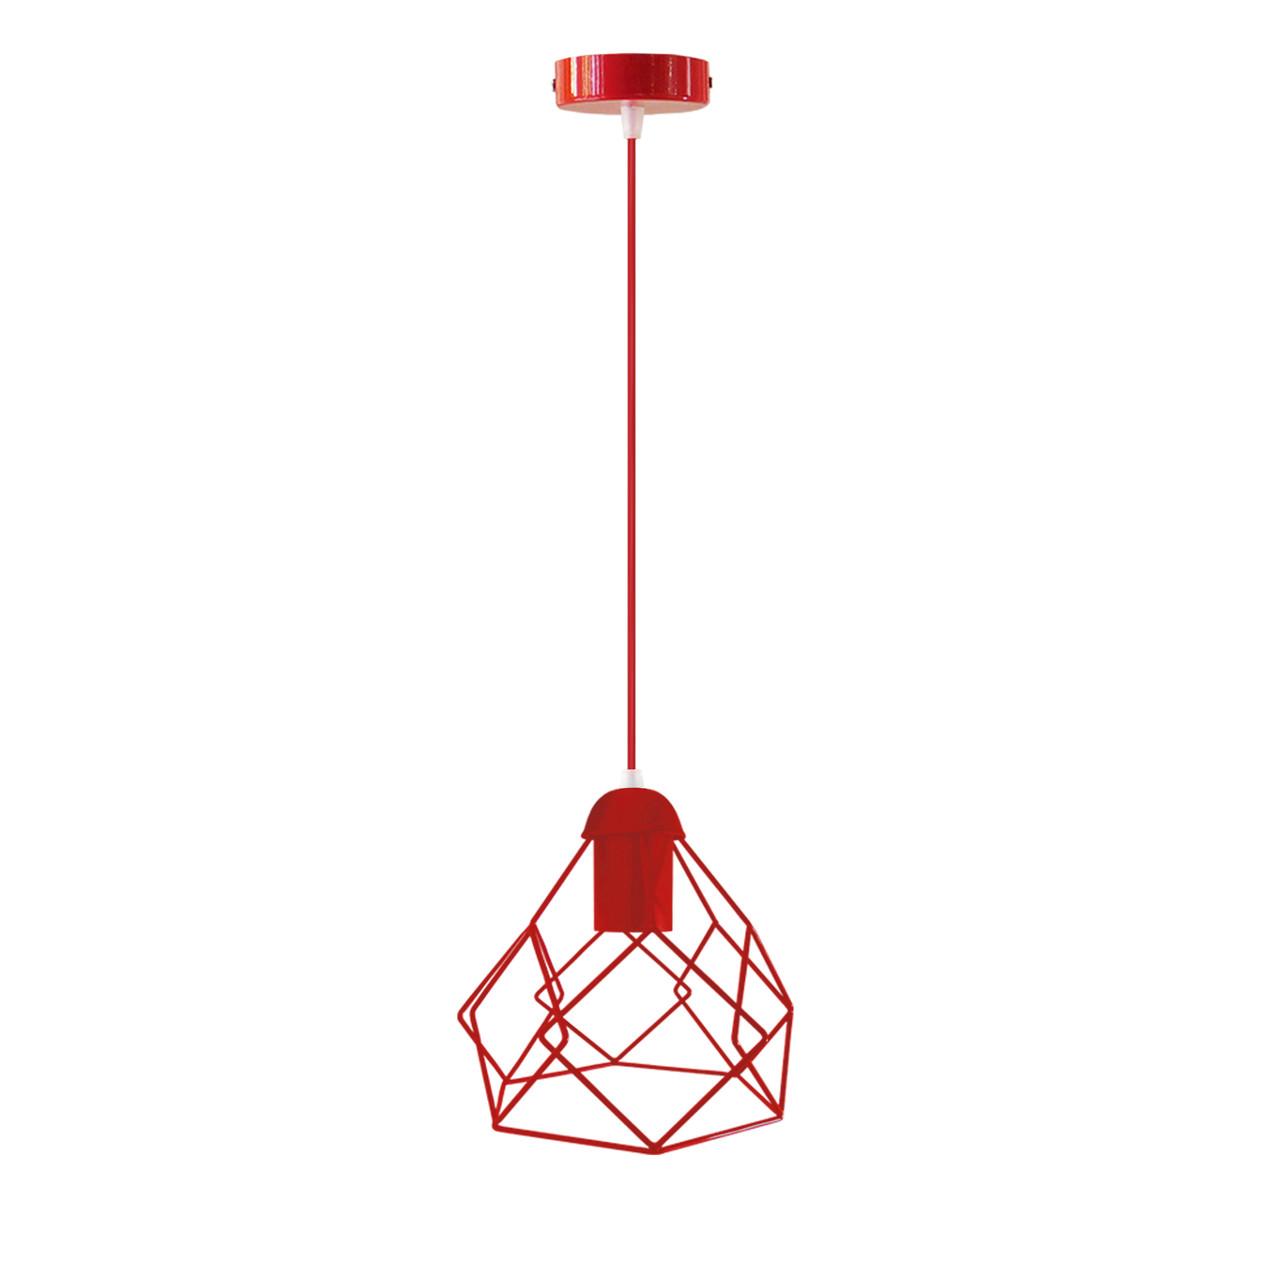 Подвесной  светильник, индустриальный стиль стиль, loft, vintage RUBY Е27  красный